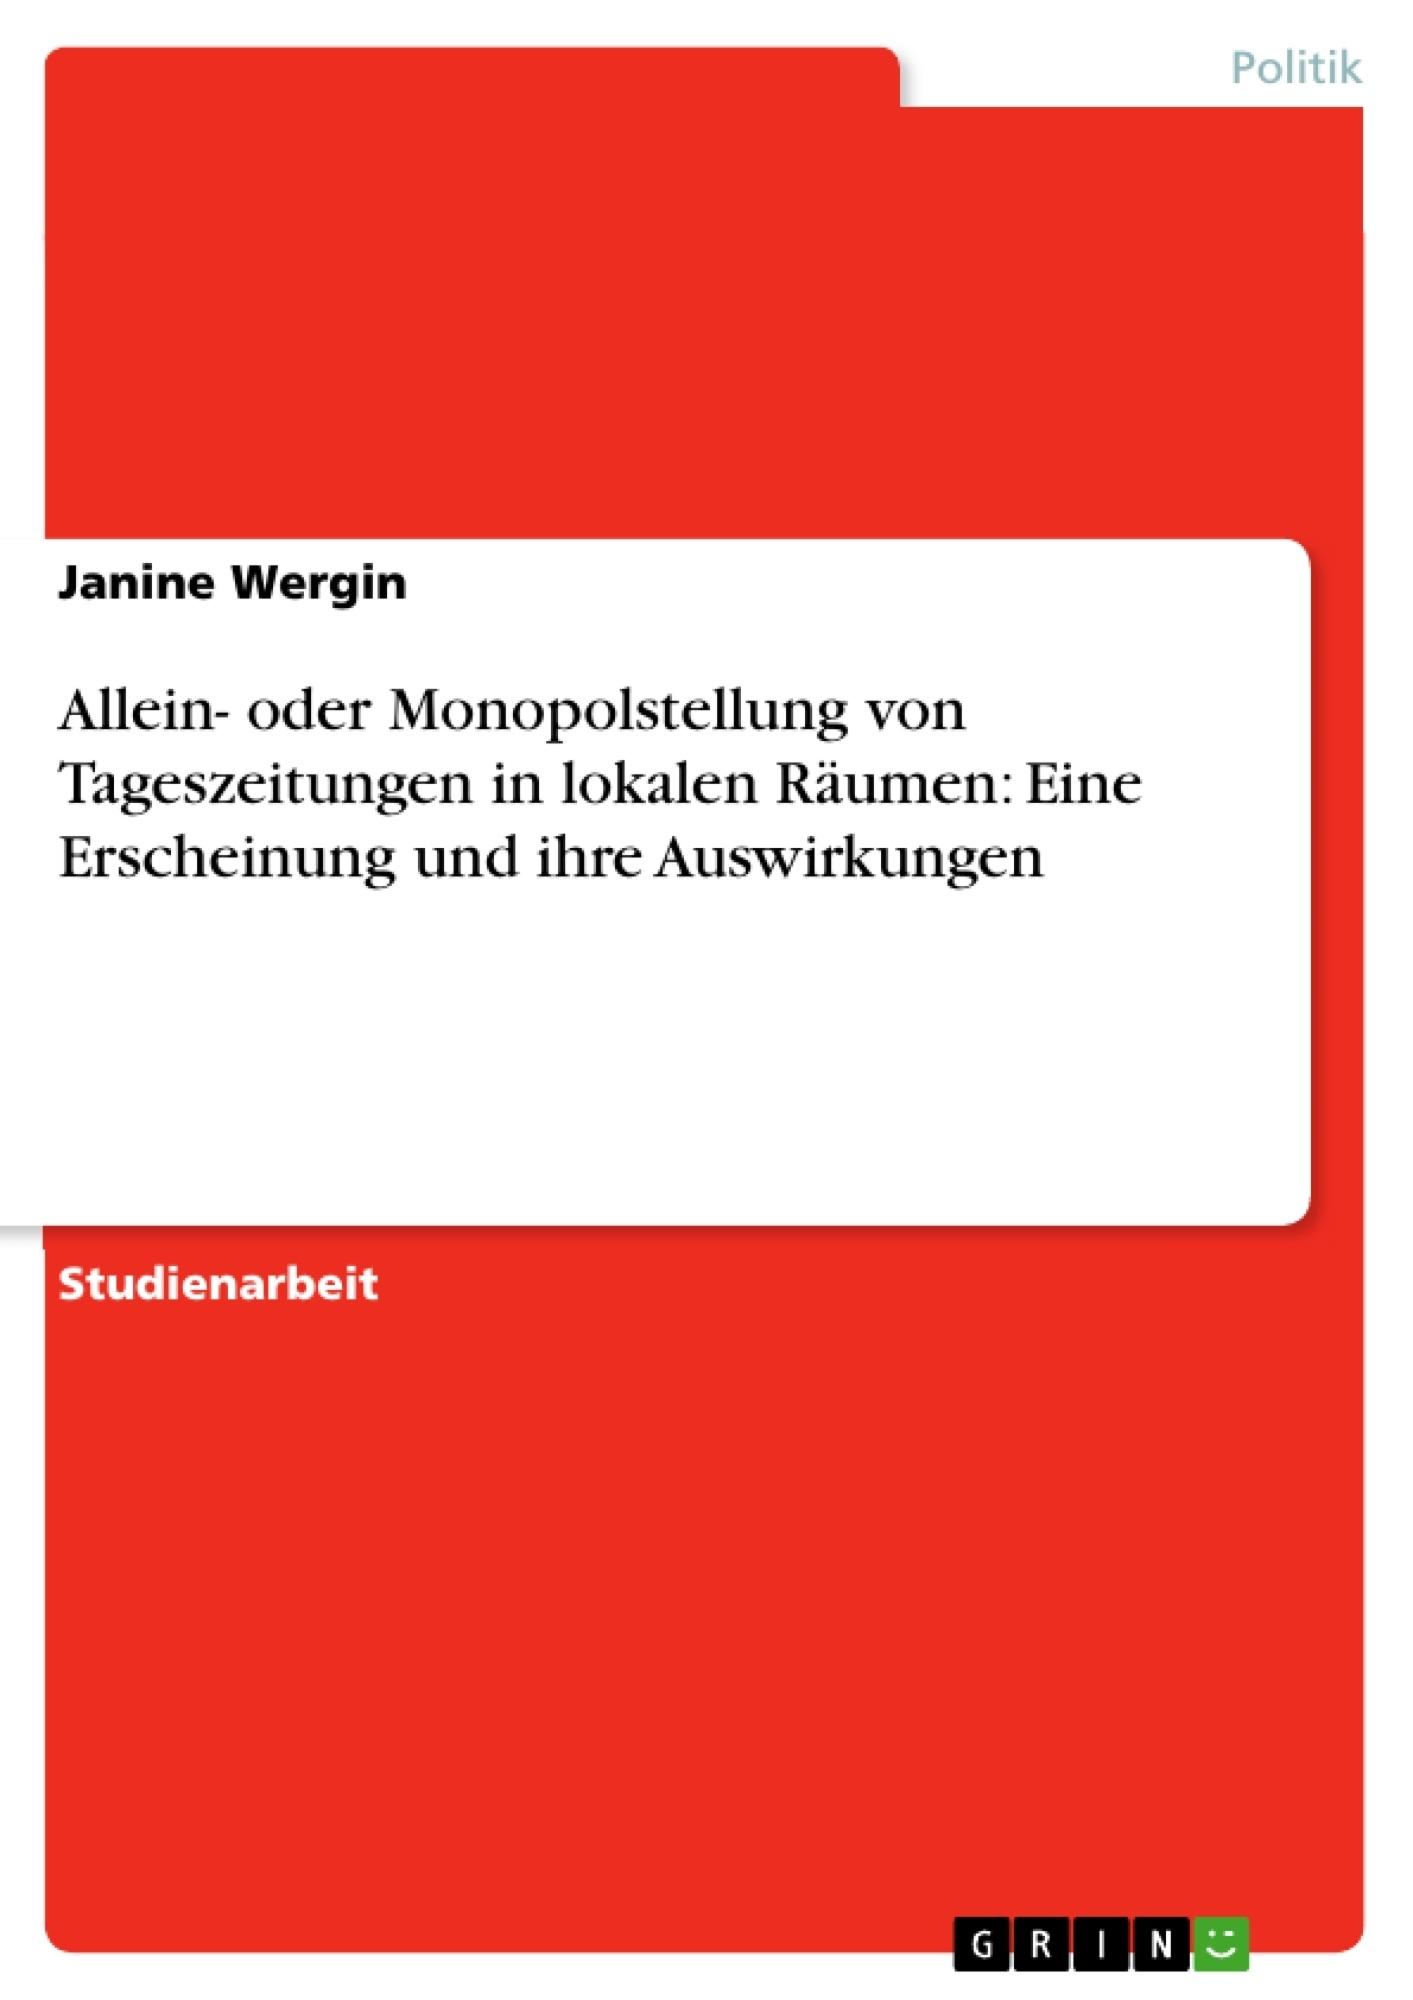 Titel: Allein- oder Monopolstellung von Tageszeitungen in lokalen Räumen: Eine Erscheinung und ihre Auswirkungen